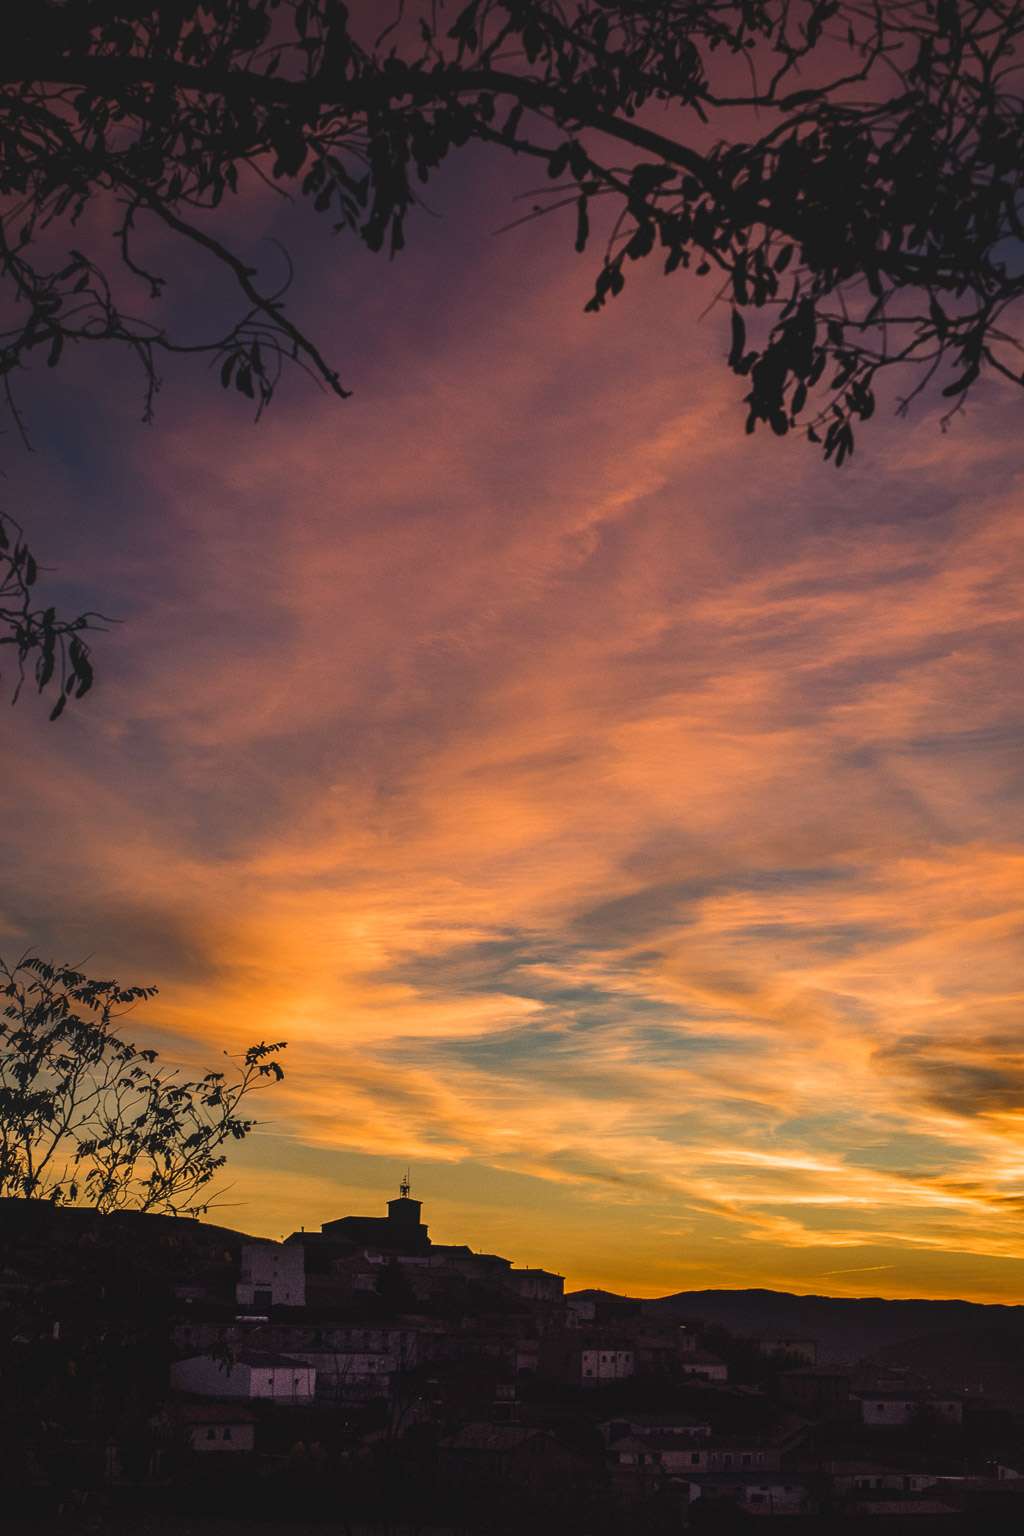 Sonnenuntergang in der Navarra in Spanien